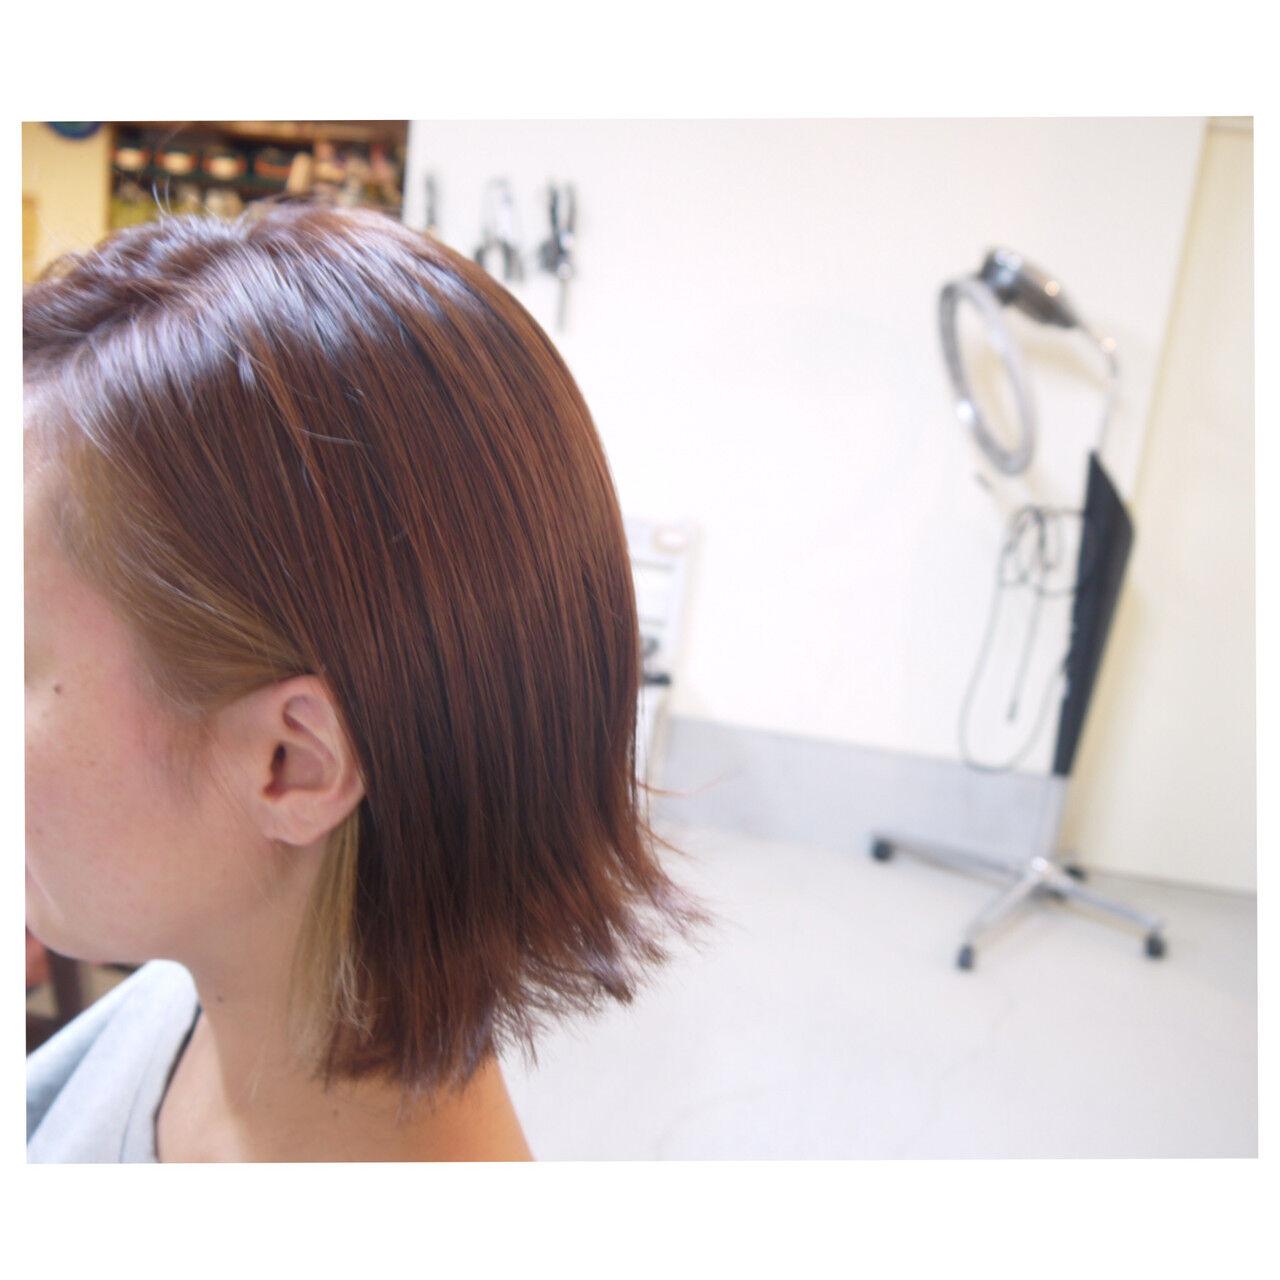 レッド 赤茶 ボブ インナーカラーヘアスタイルや髪型の写真・画像